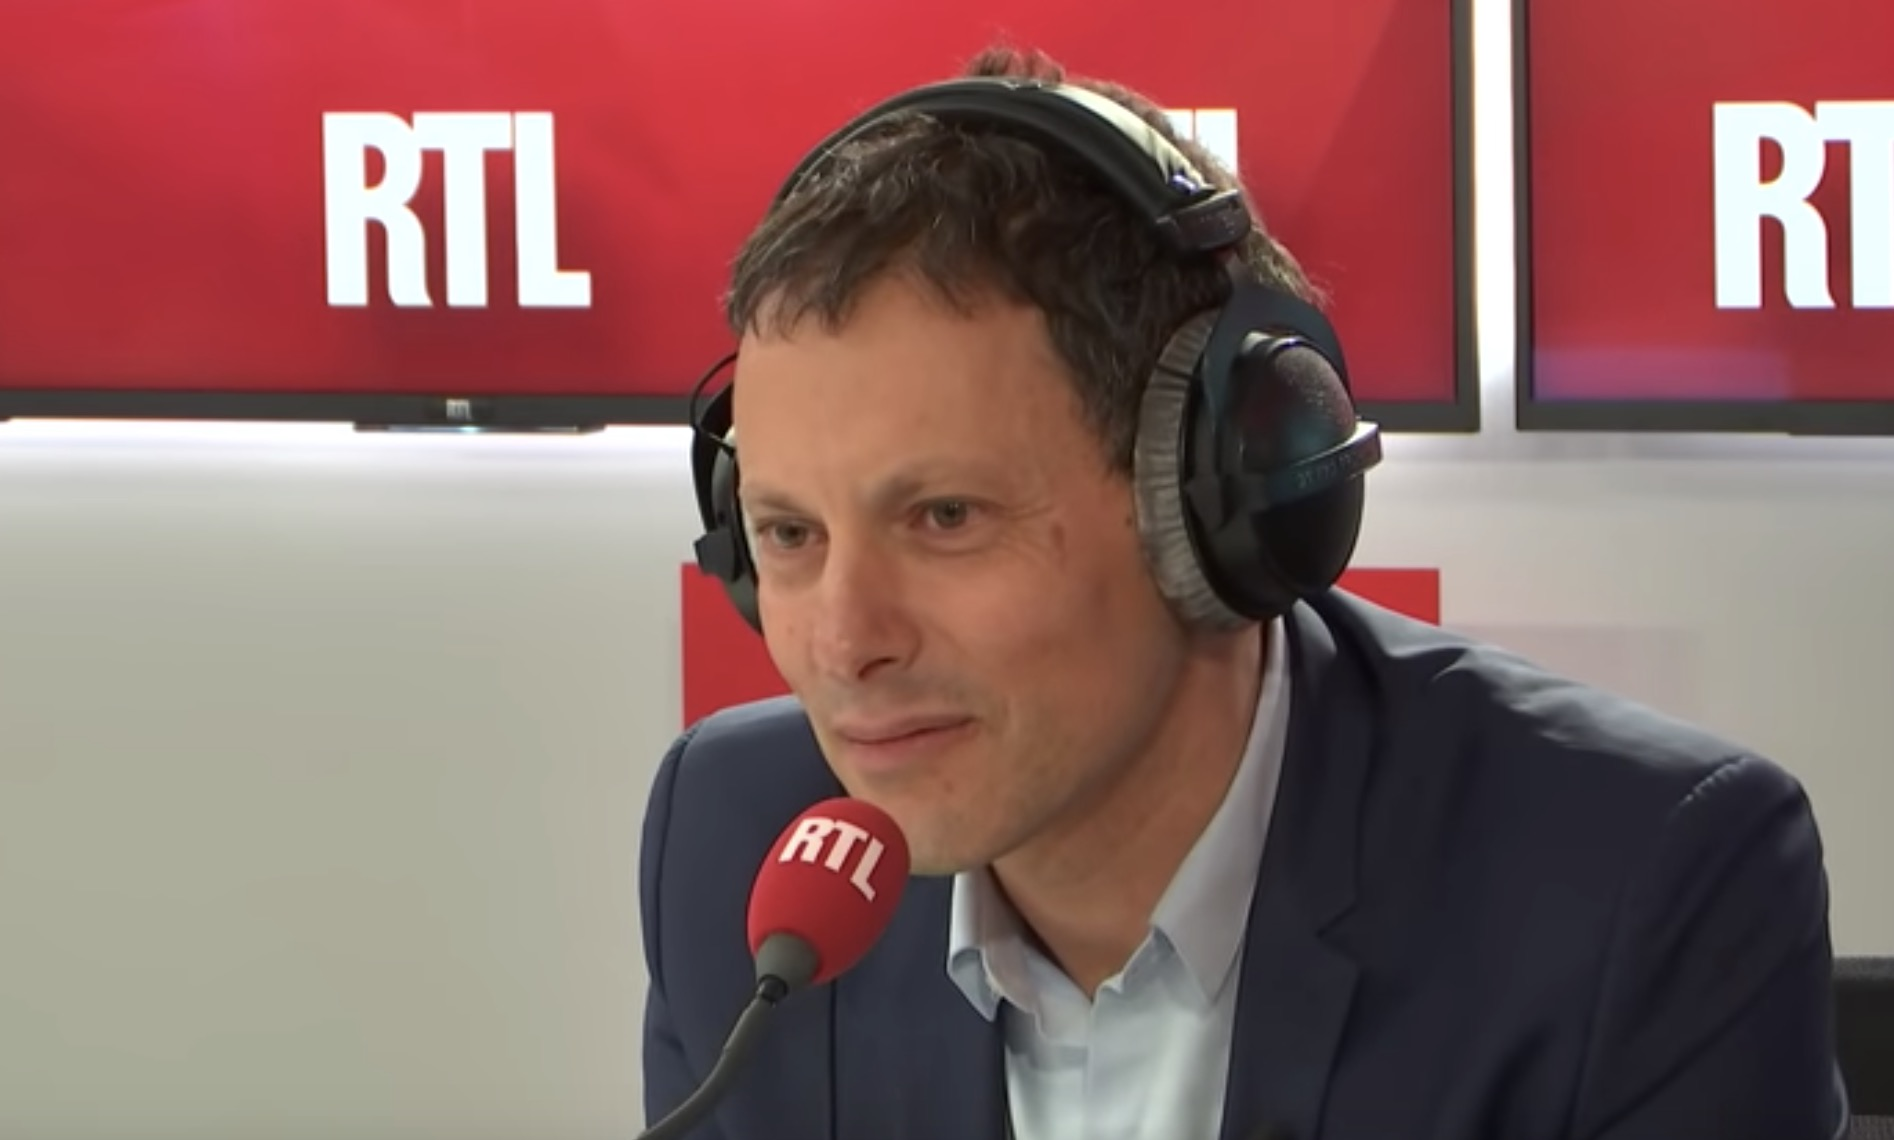 Marc Olivier Fogiel